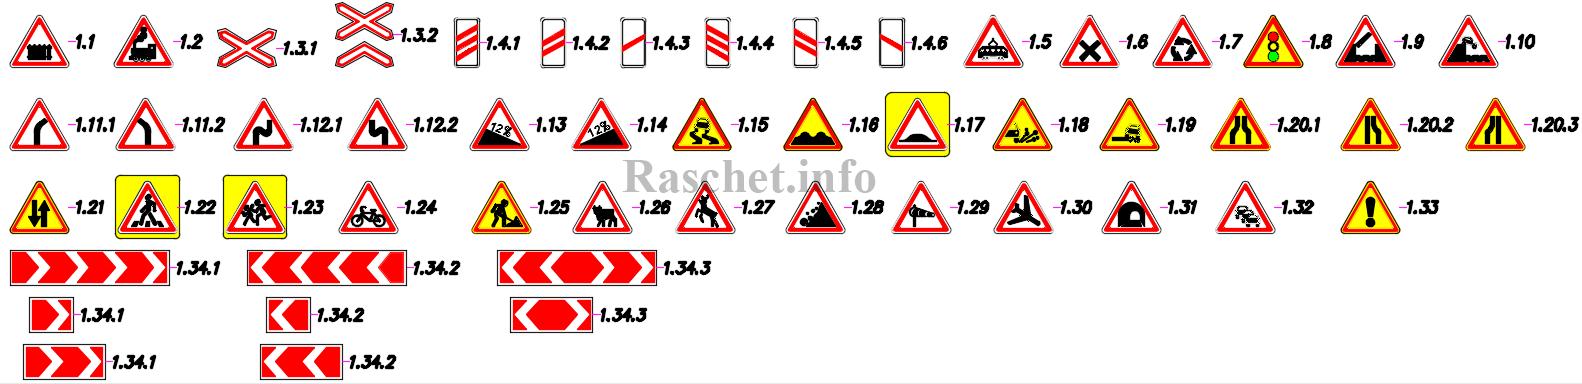 Предупреждающие знаки согласно таблицы А.1